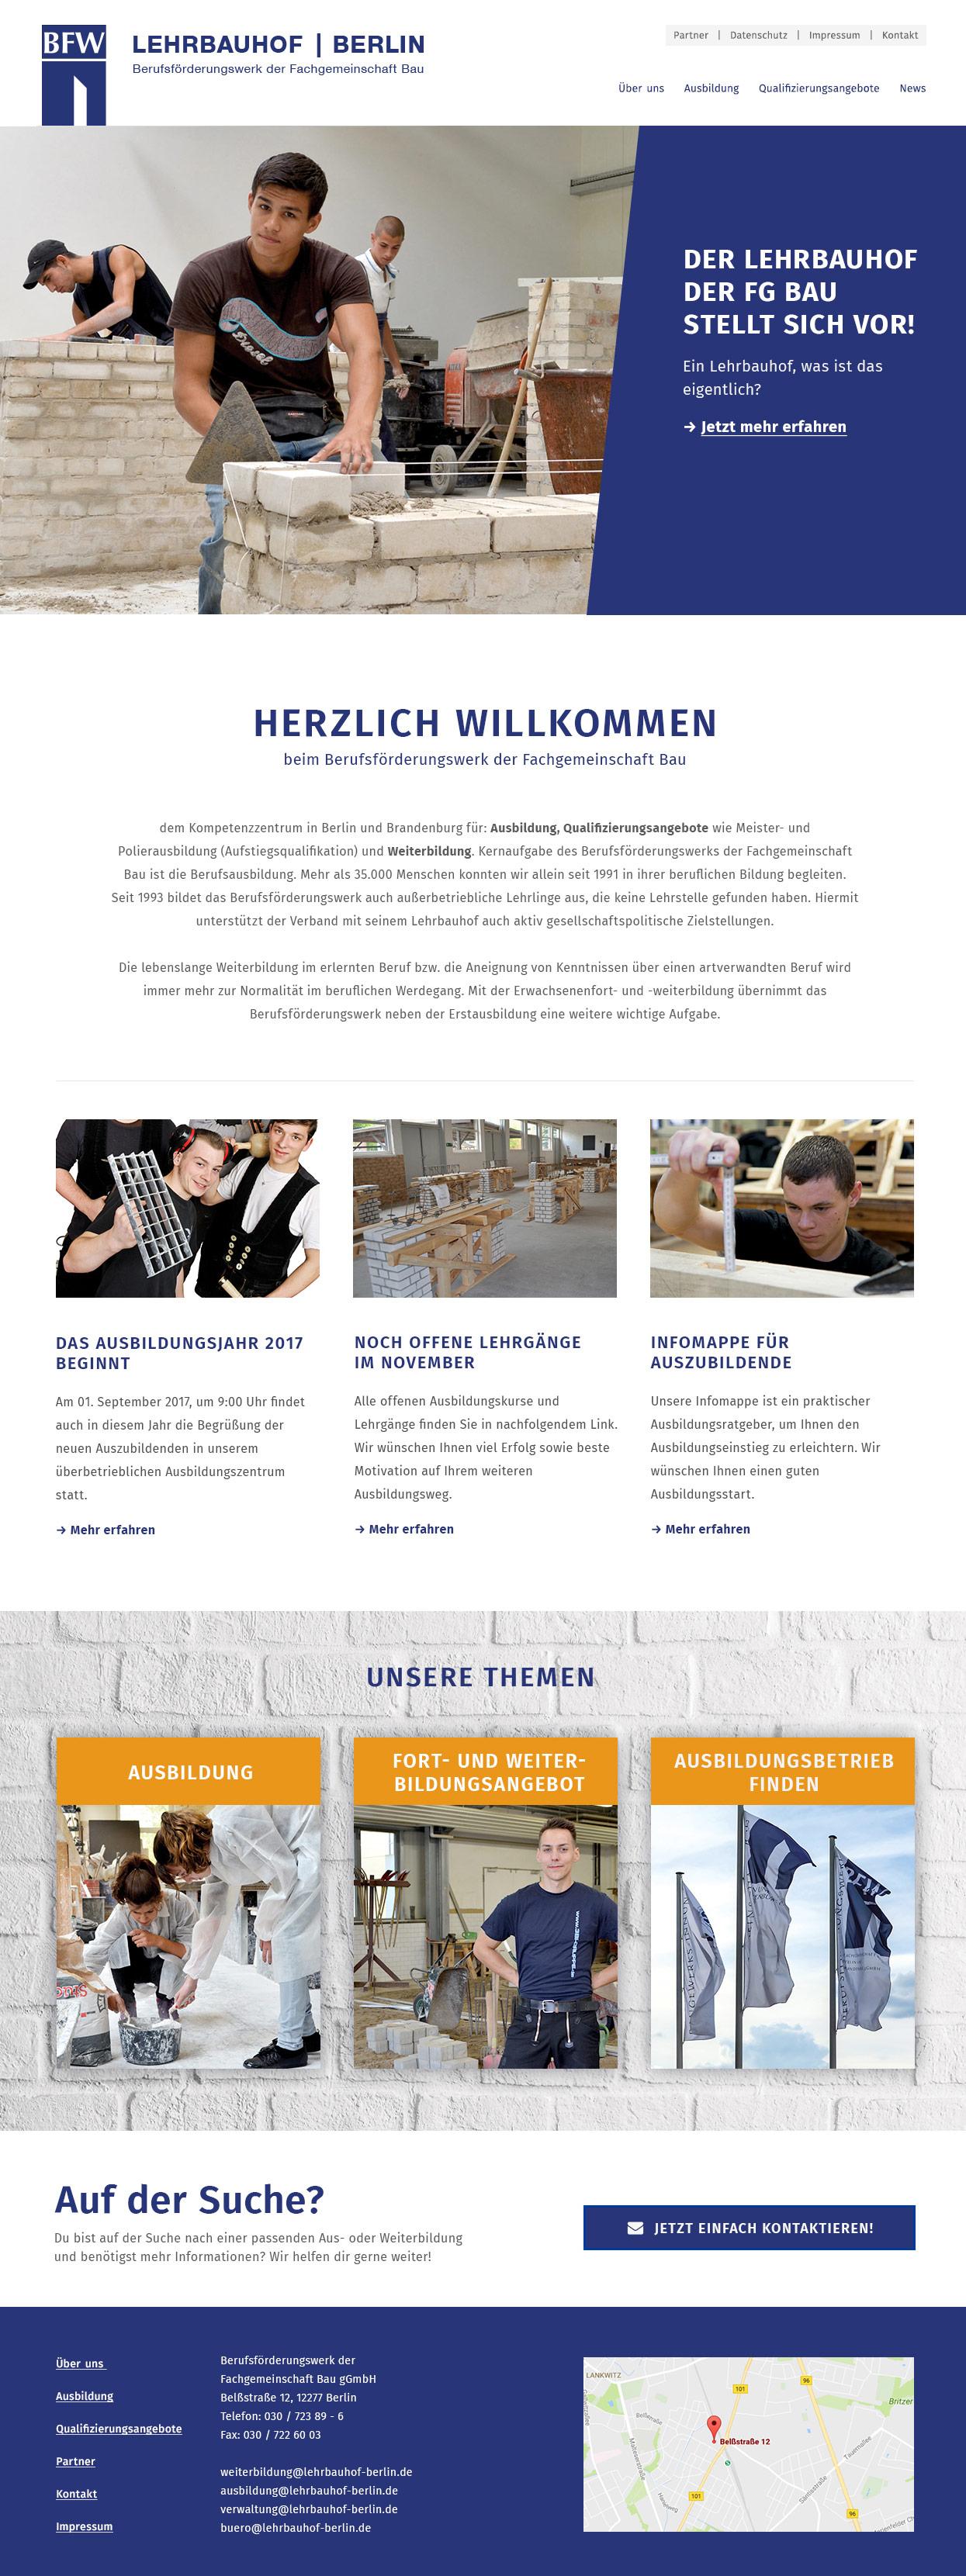 Berufsförderungswerk der Fachgemeinschaft Bau Berlin und Brandenburg e.V. Lehrbauhof Berlin Webseite